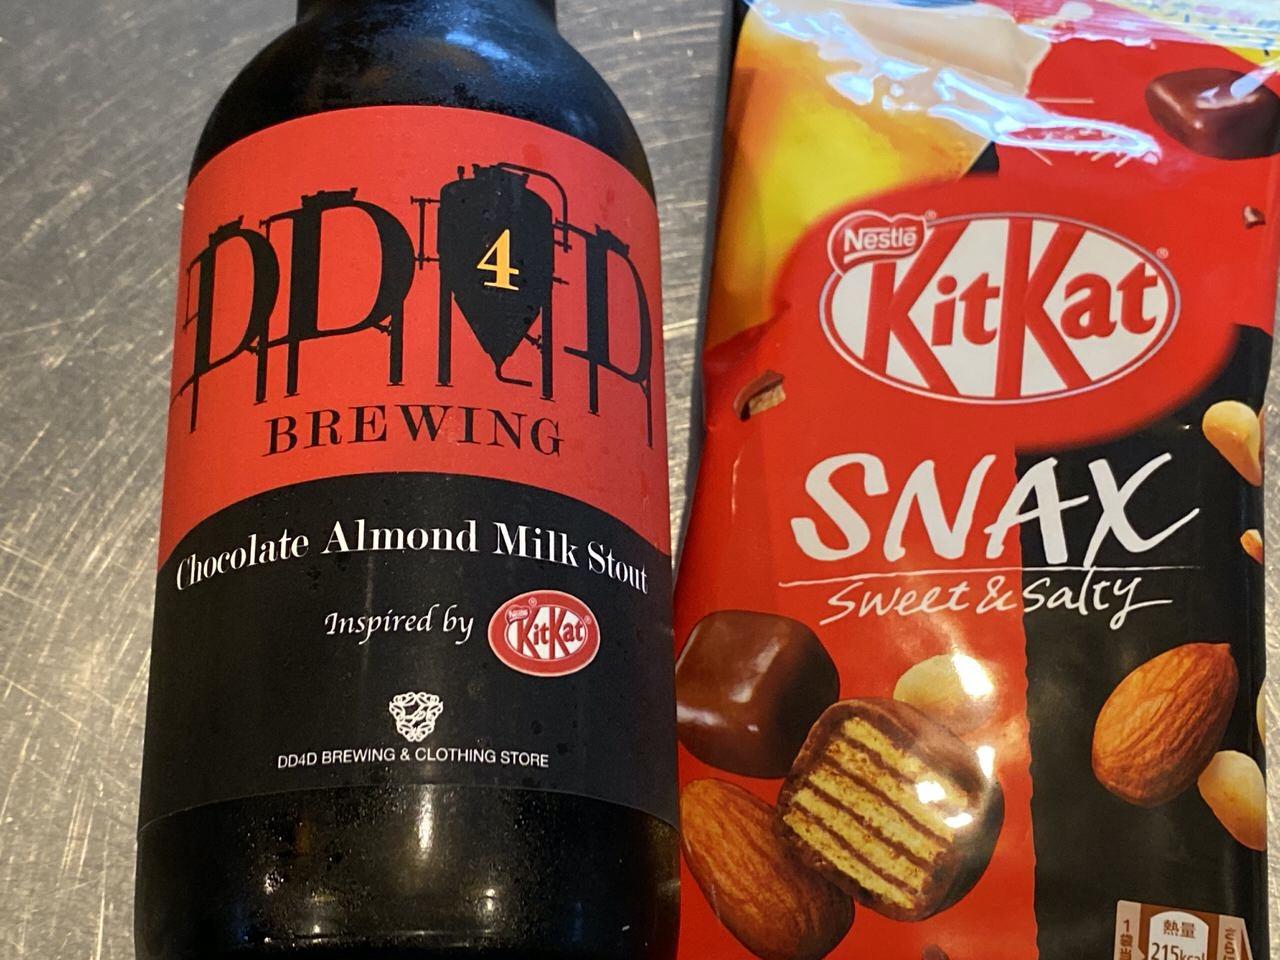 塩気のきいたおつまみ用キットカット「キットカット スナックス」発売開始!DD4D BREWINGとチョコ味の限定クラフトビールも醸造 #提供